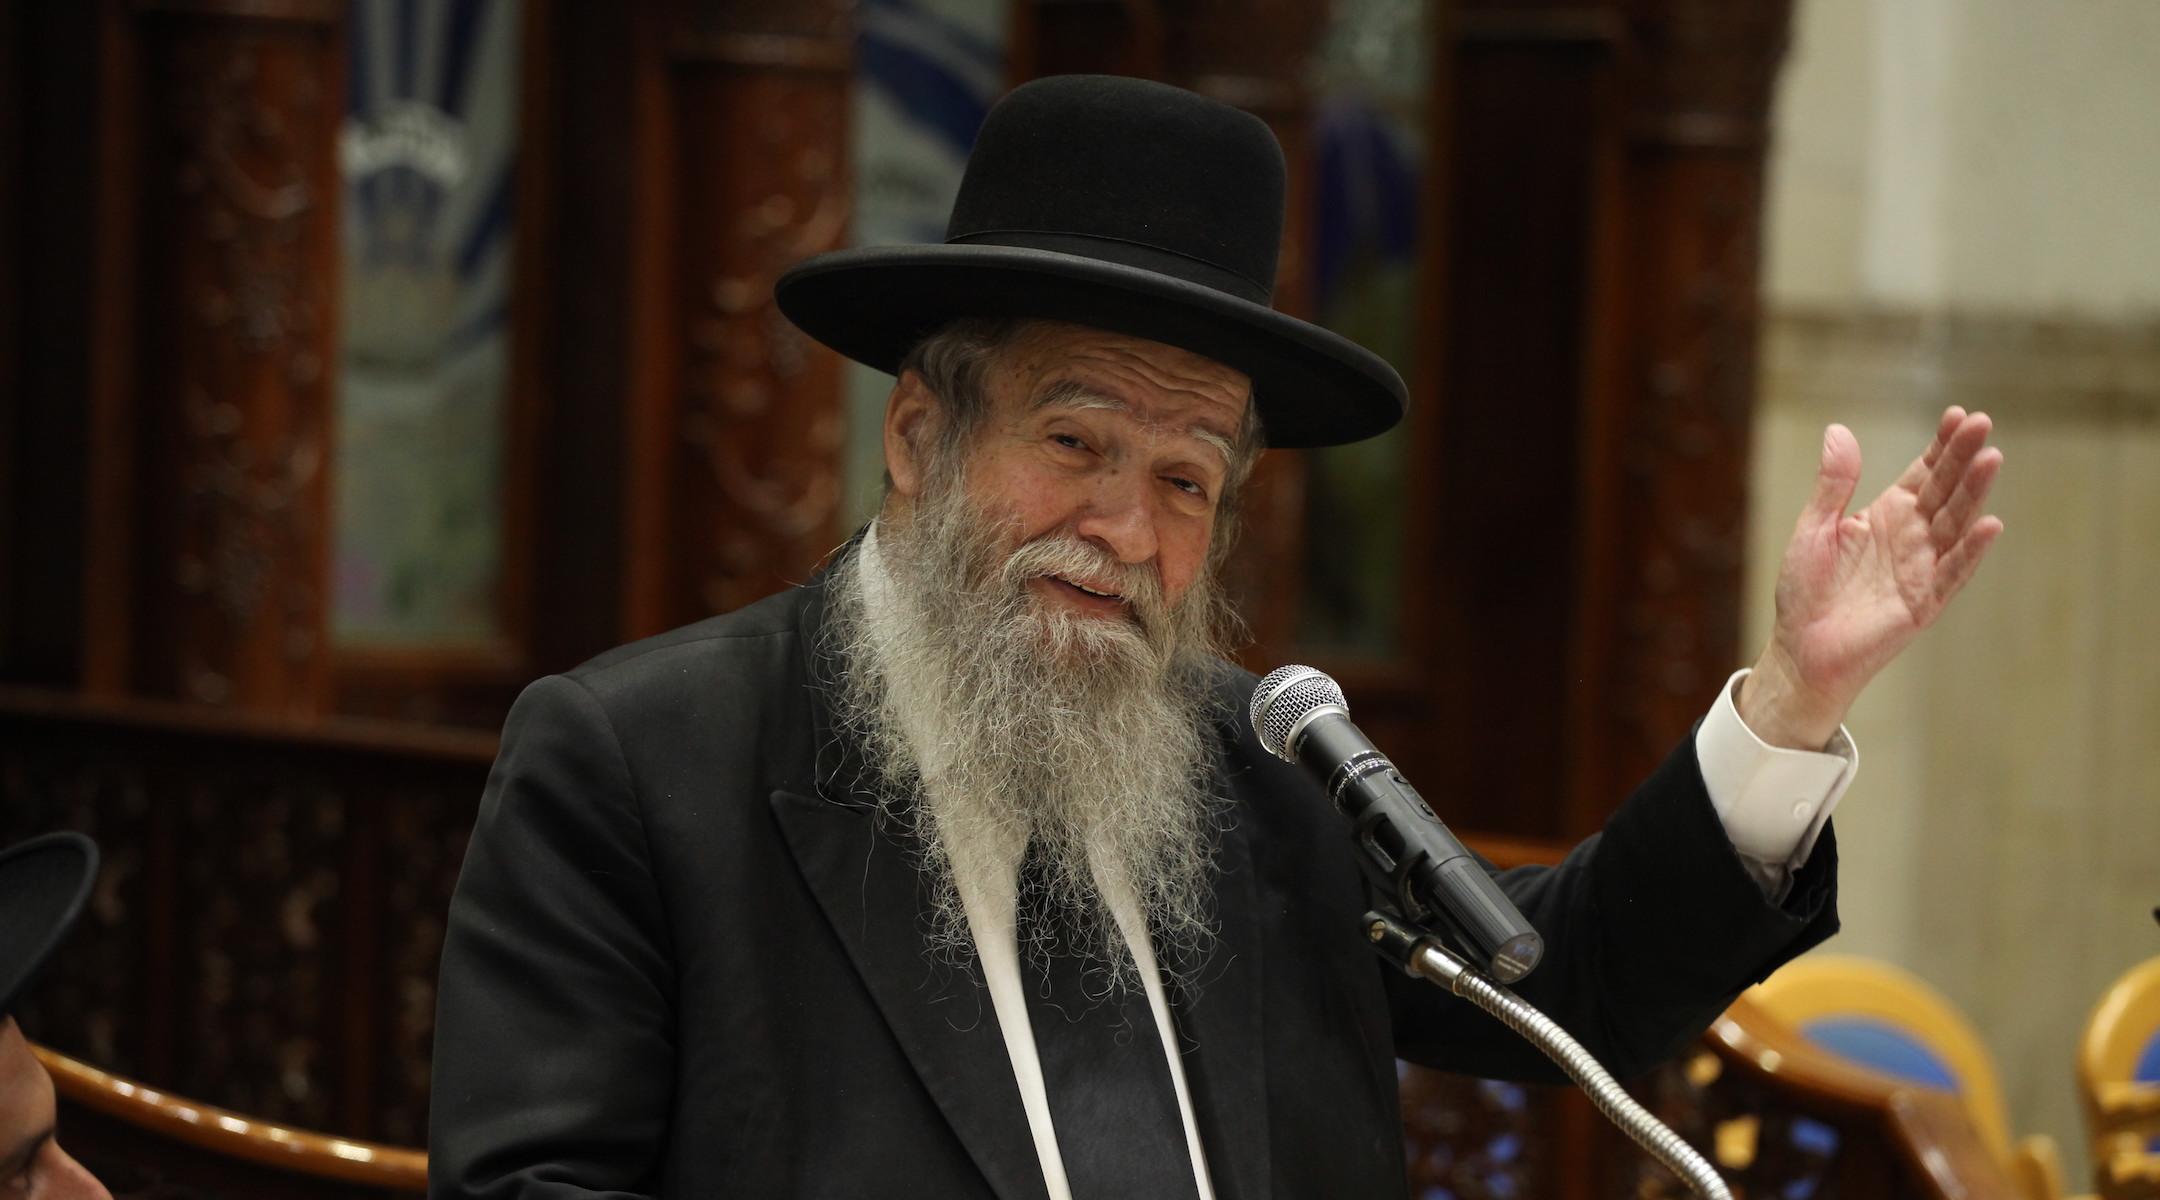 Rabbi Aviezer Piltz